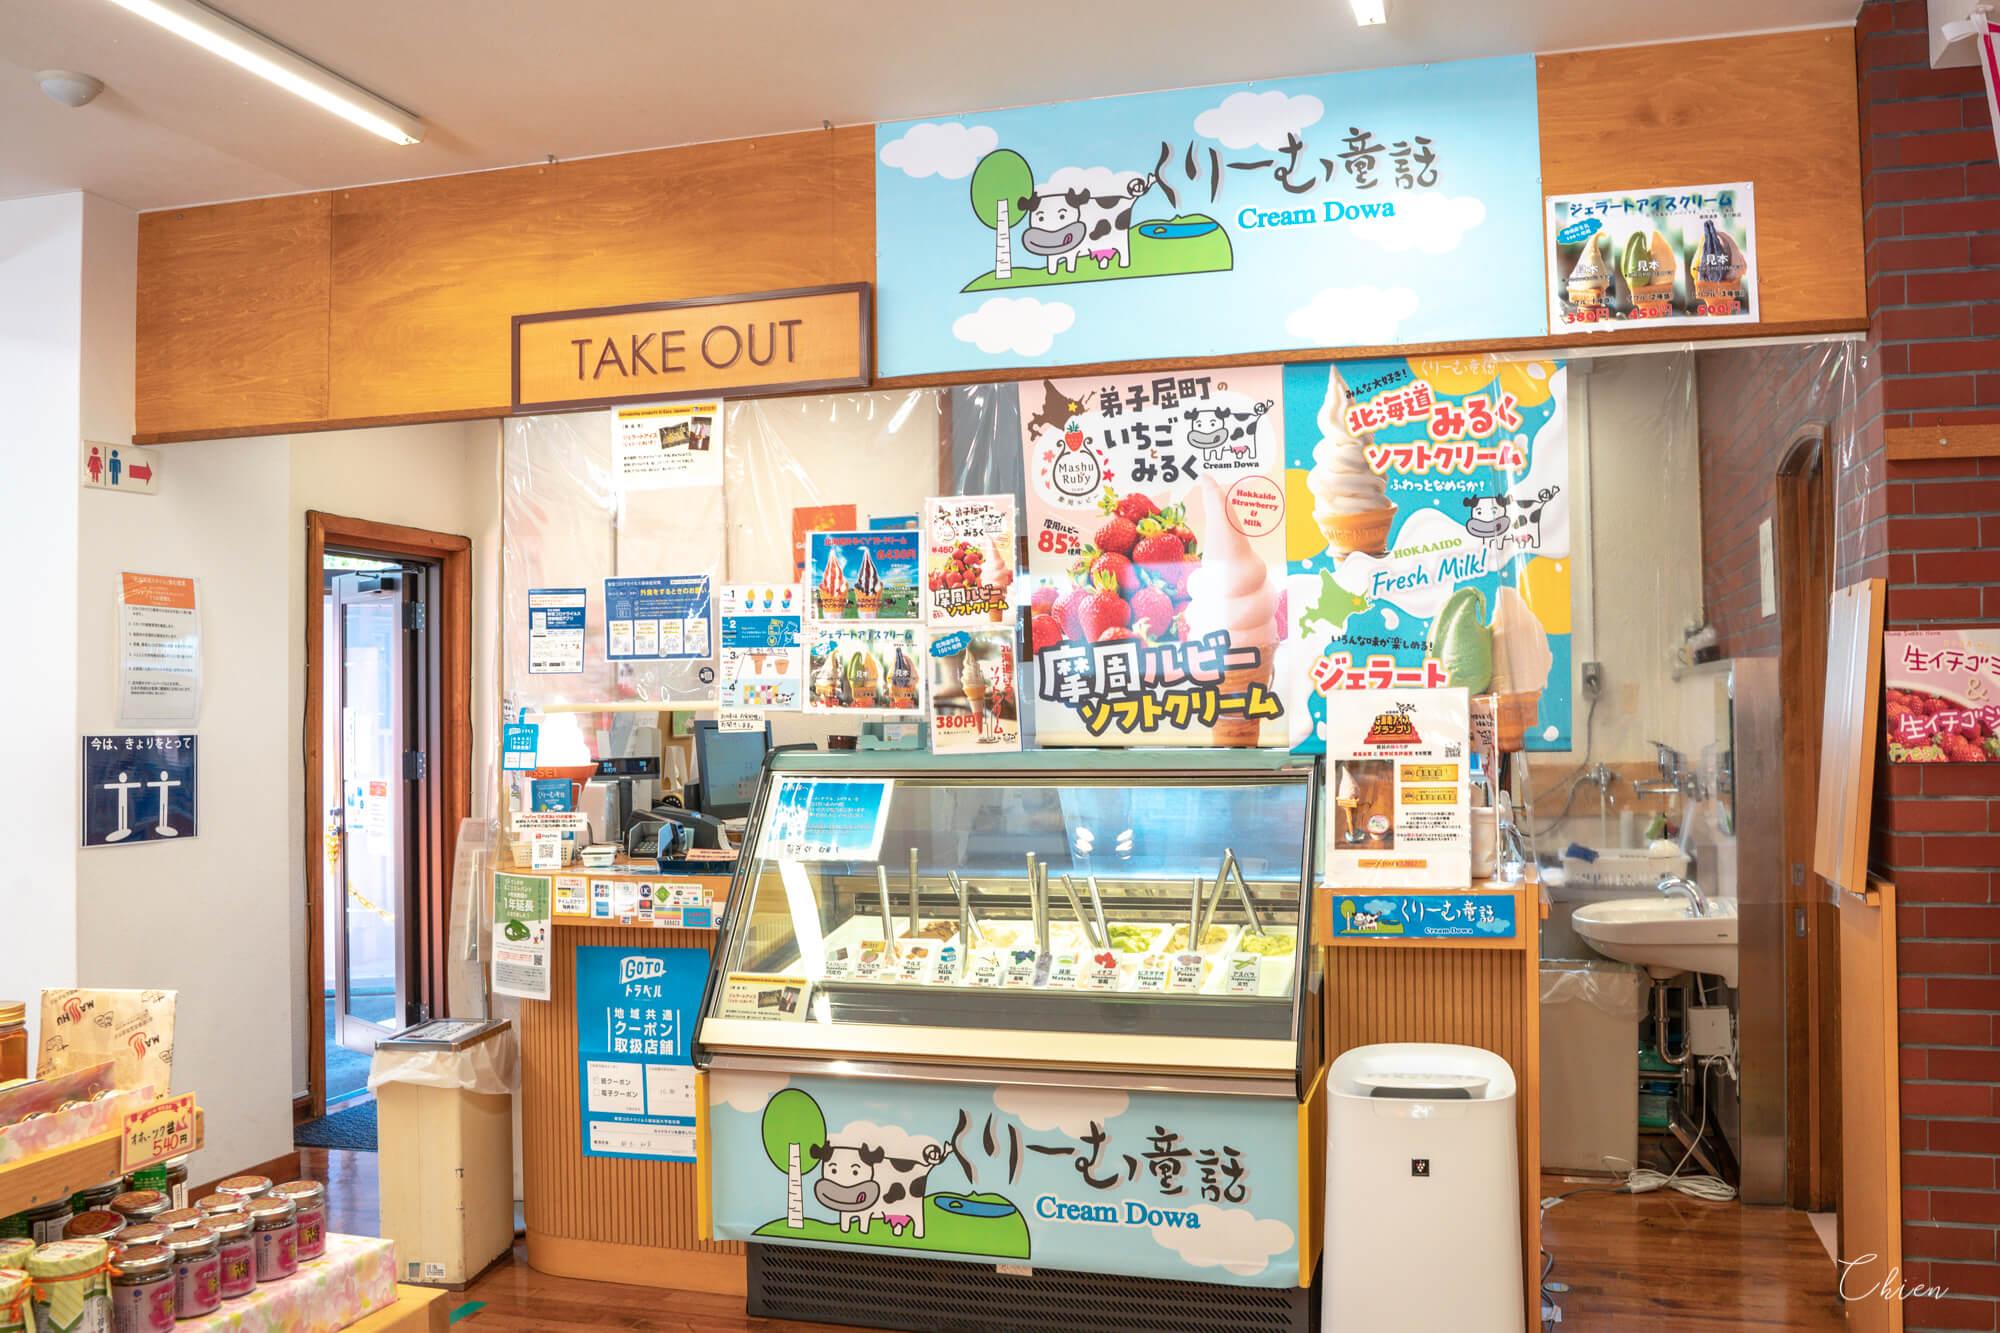 摩周溫泉道路休息站 義式冰淇淋